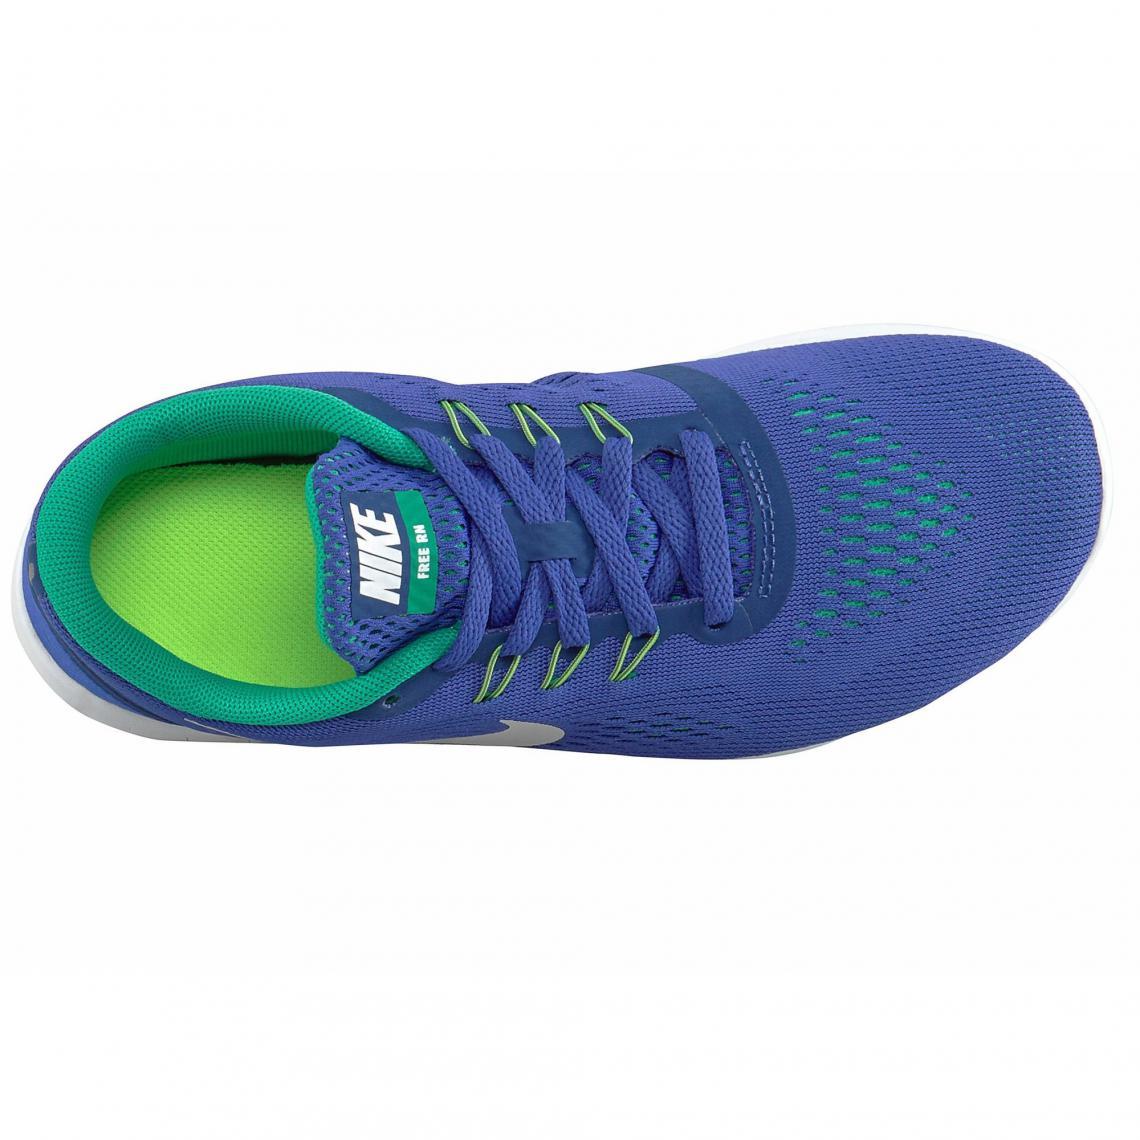 factory authentic 71b1d f69b5 Chaussures de sport fille Nike